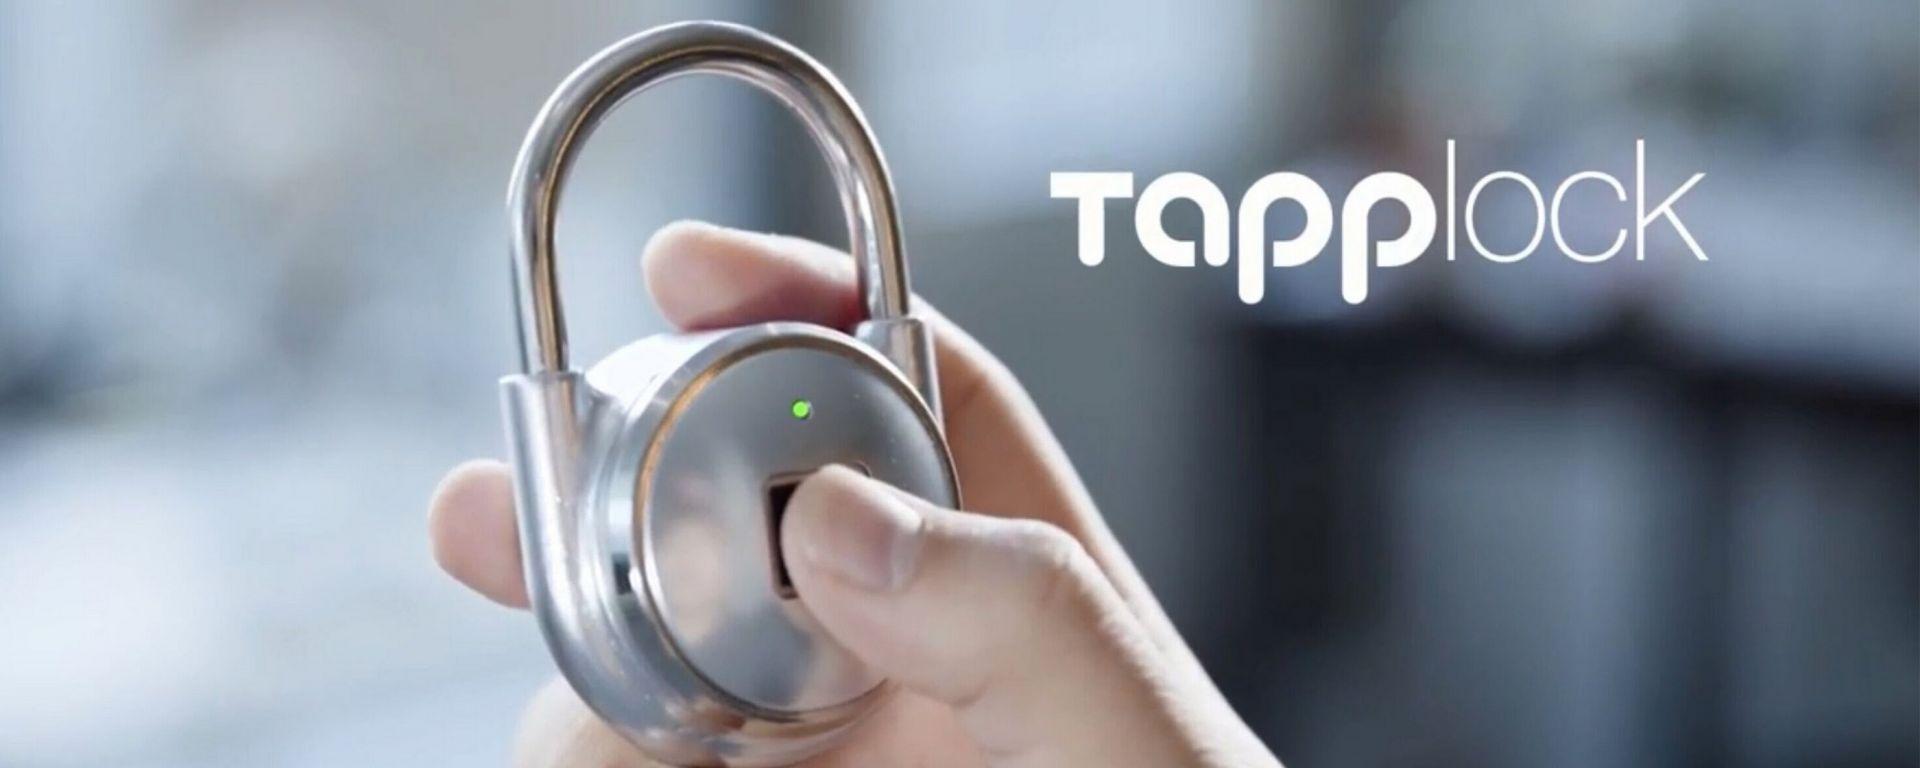 Tapplock: il primo lucchetto a impronte digitali